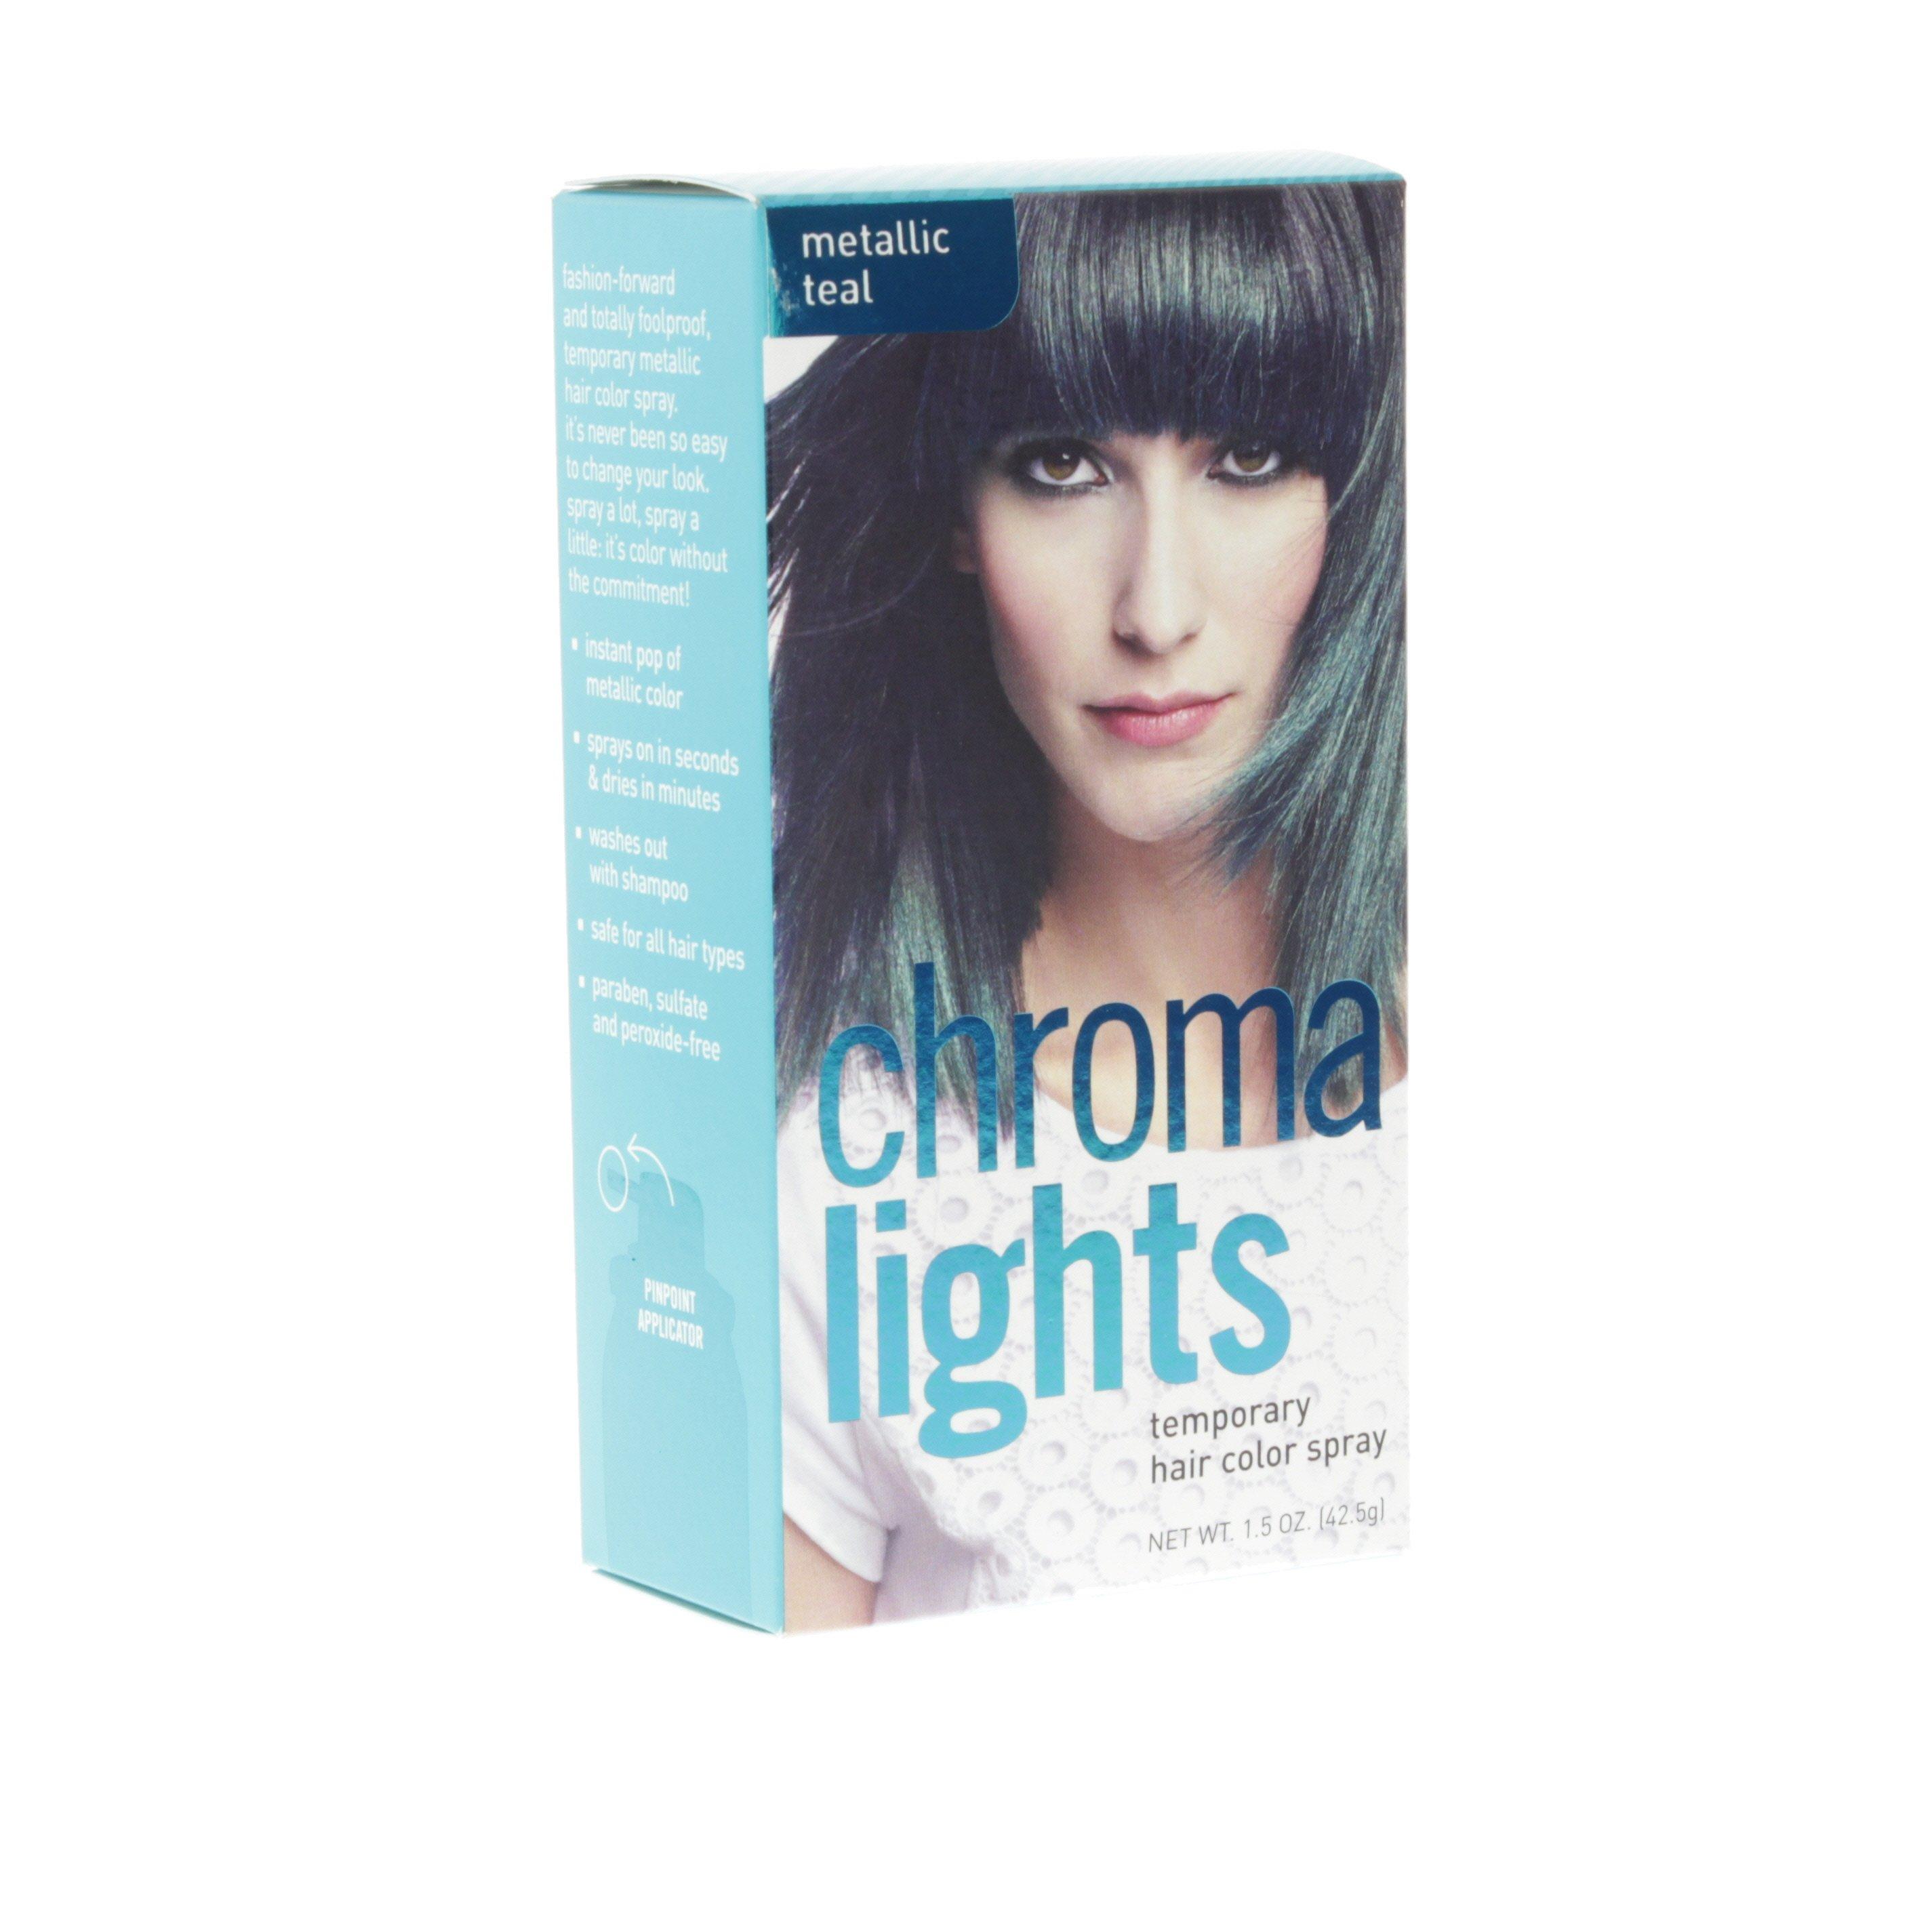 Chromalights Temporary Hair Color Spray Metallic Teal Shop